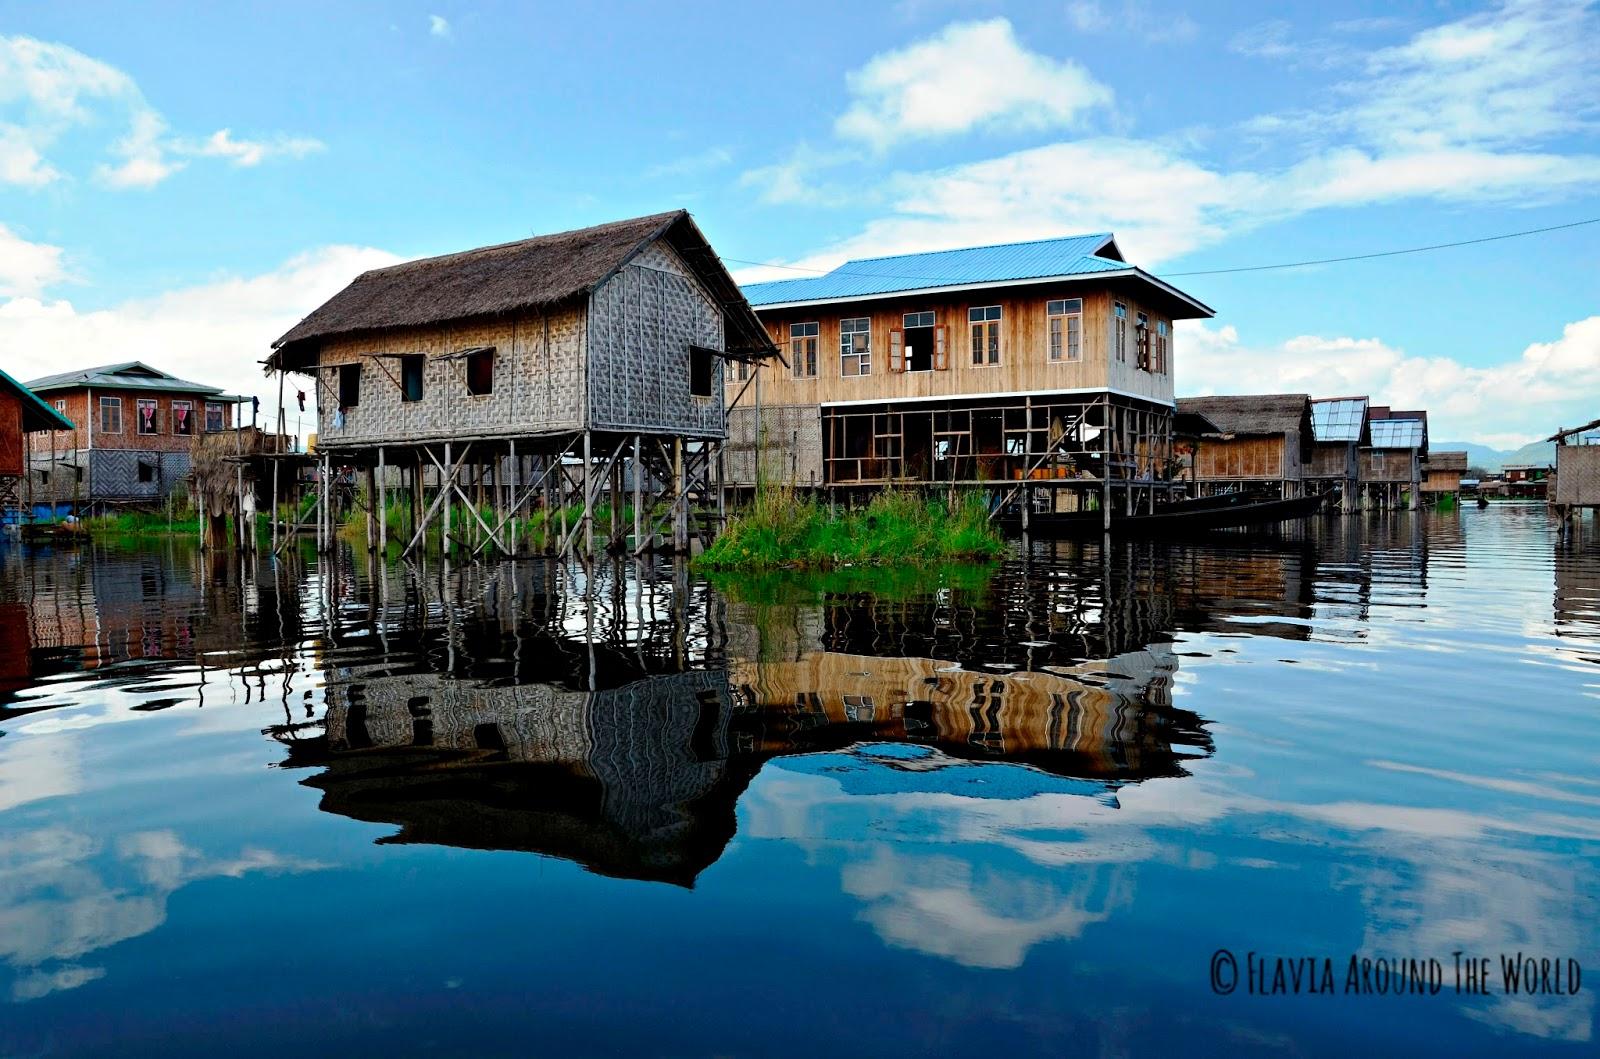 Casas flotantes con reflejos en el lago Inle